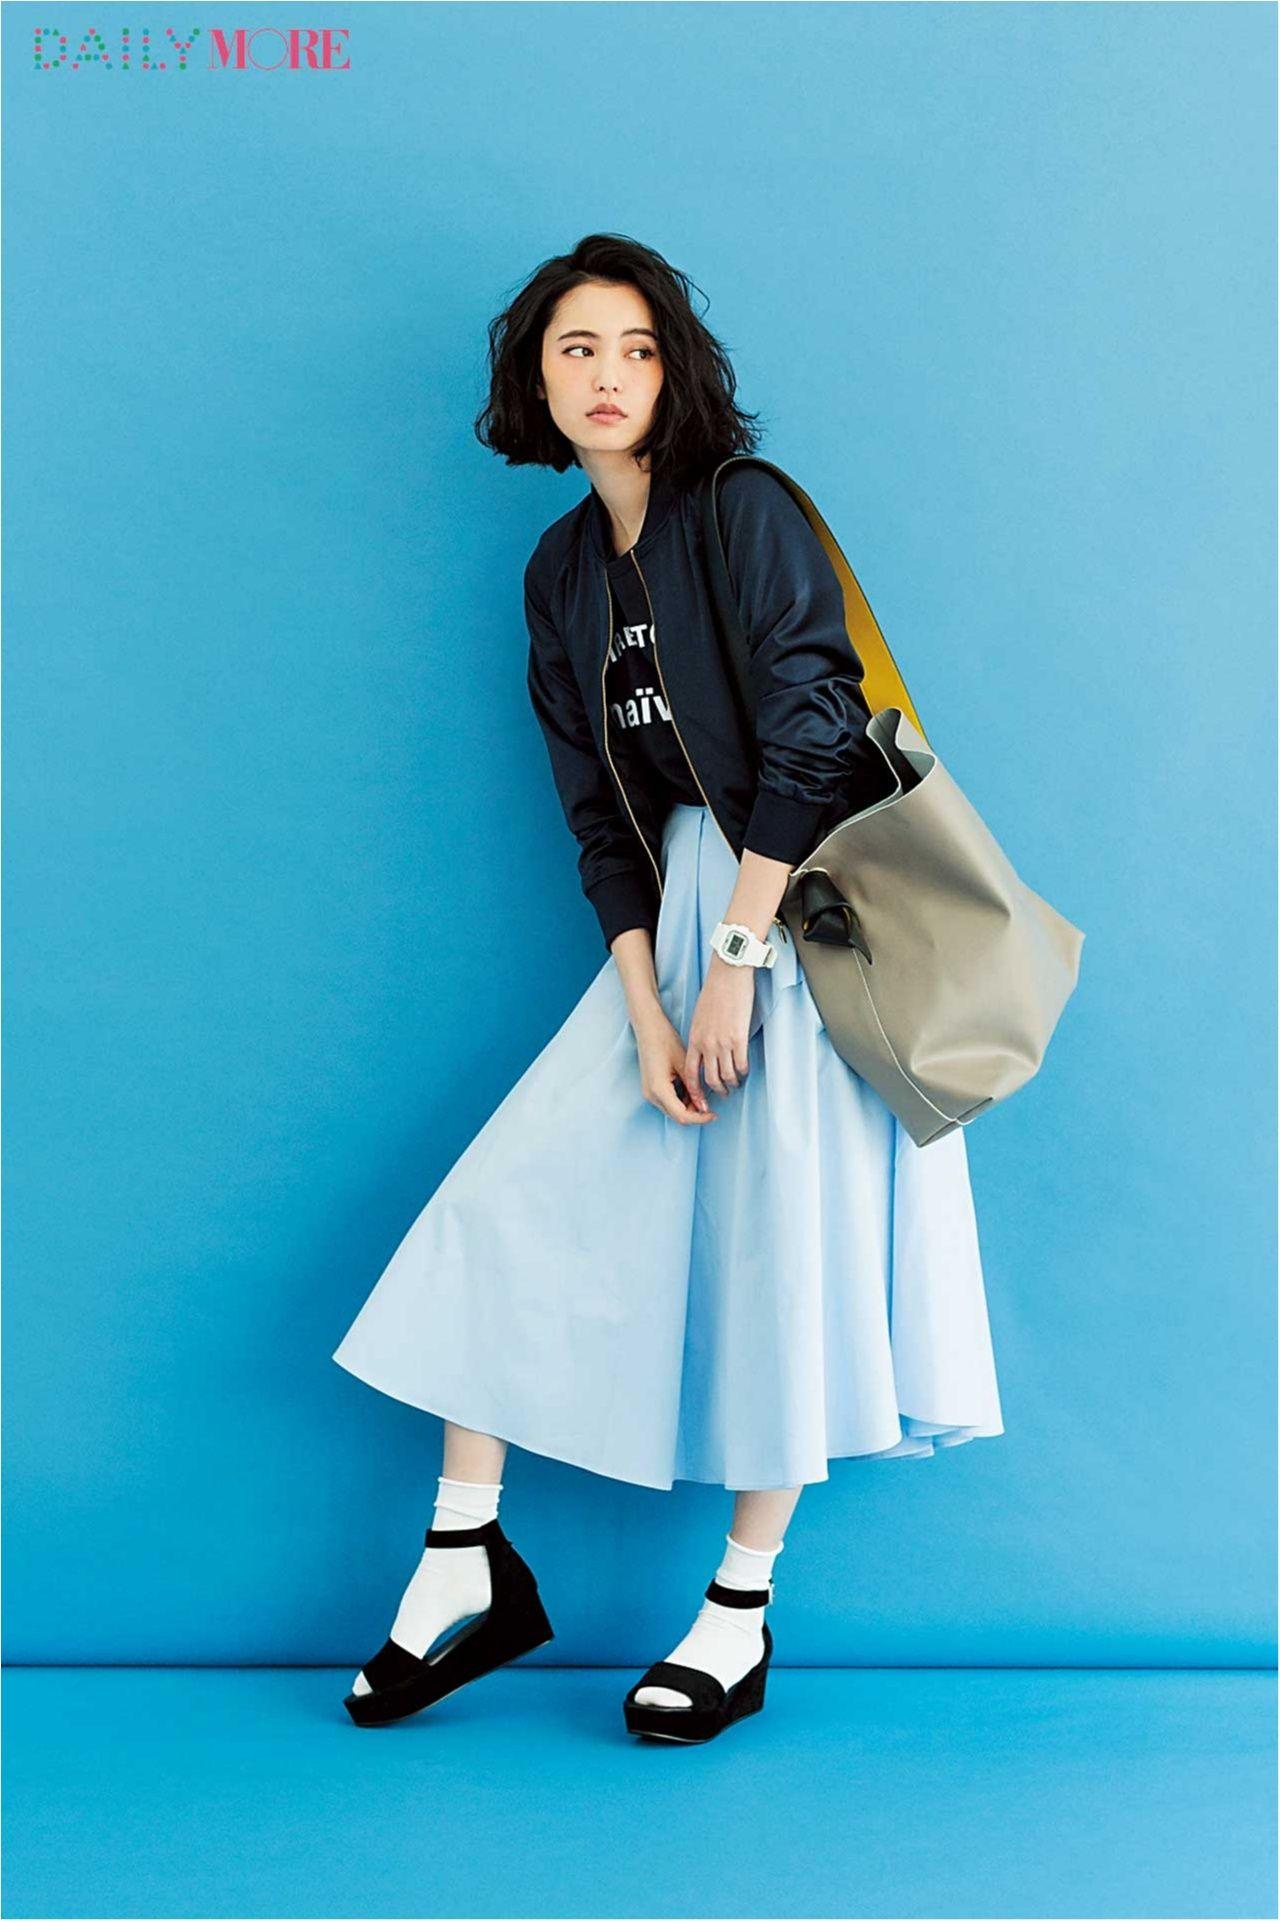 今日のコーデ 比留川游 フレアスカートを着くずしてみる火曜日 ファッションアイデア 20代ファッション ファッション